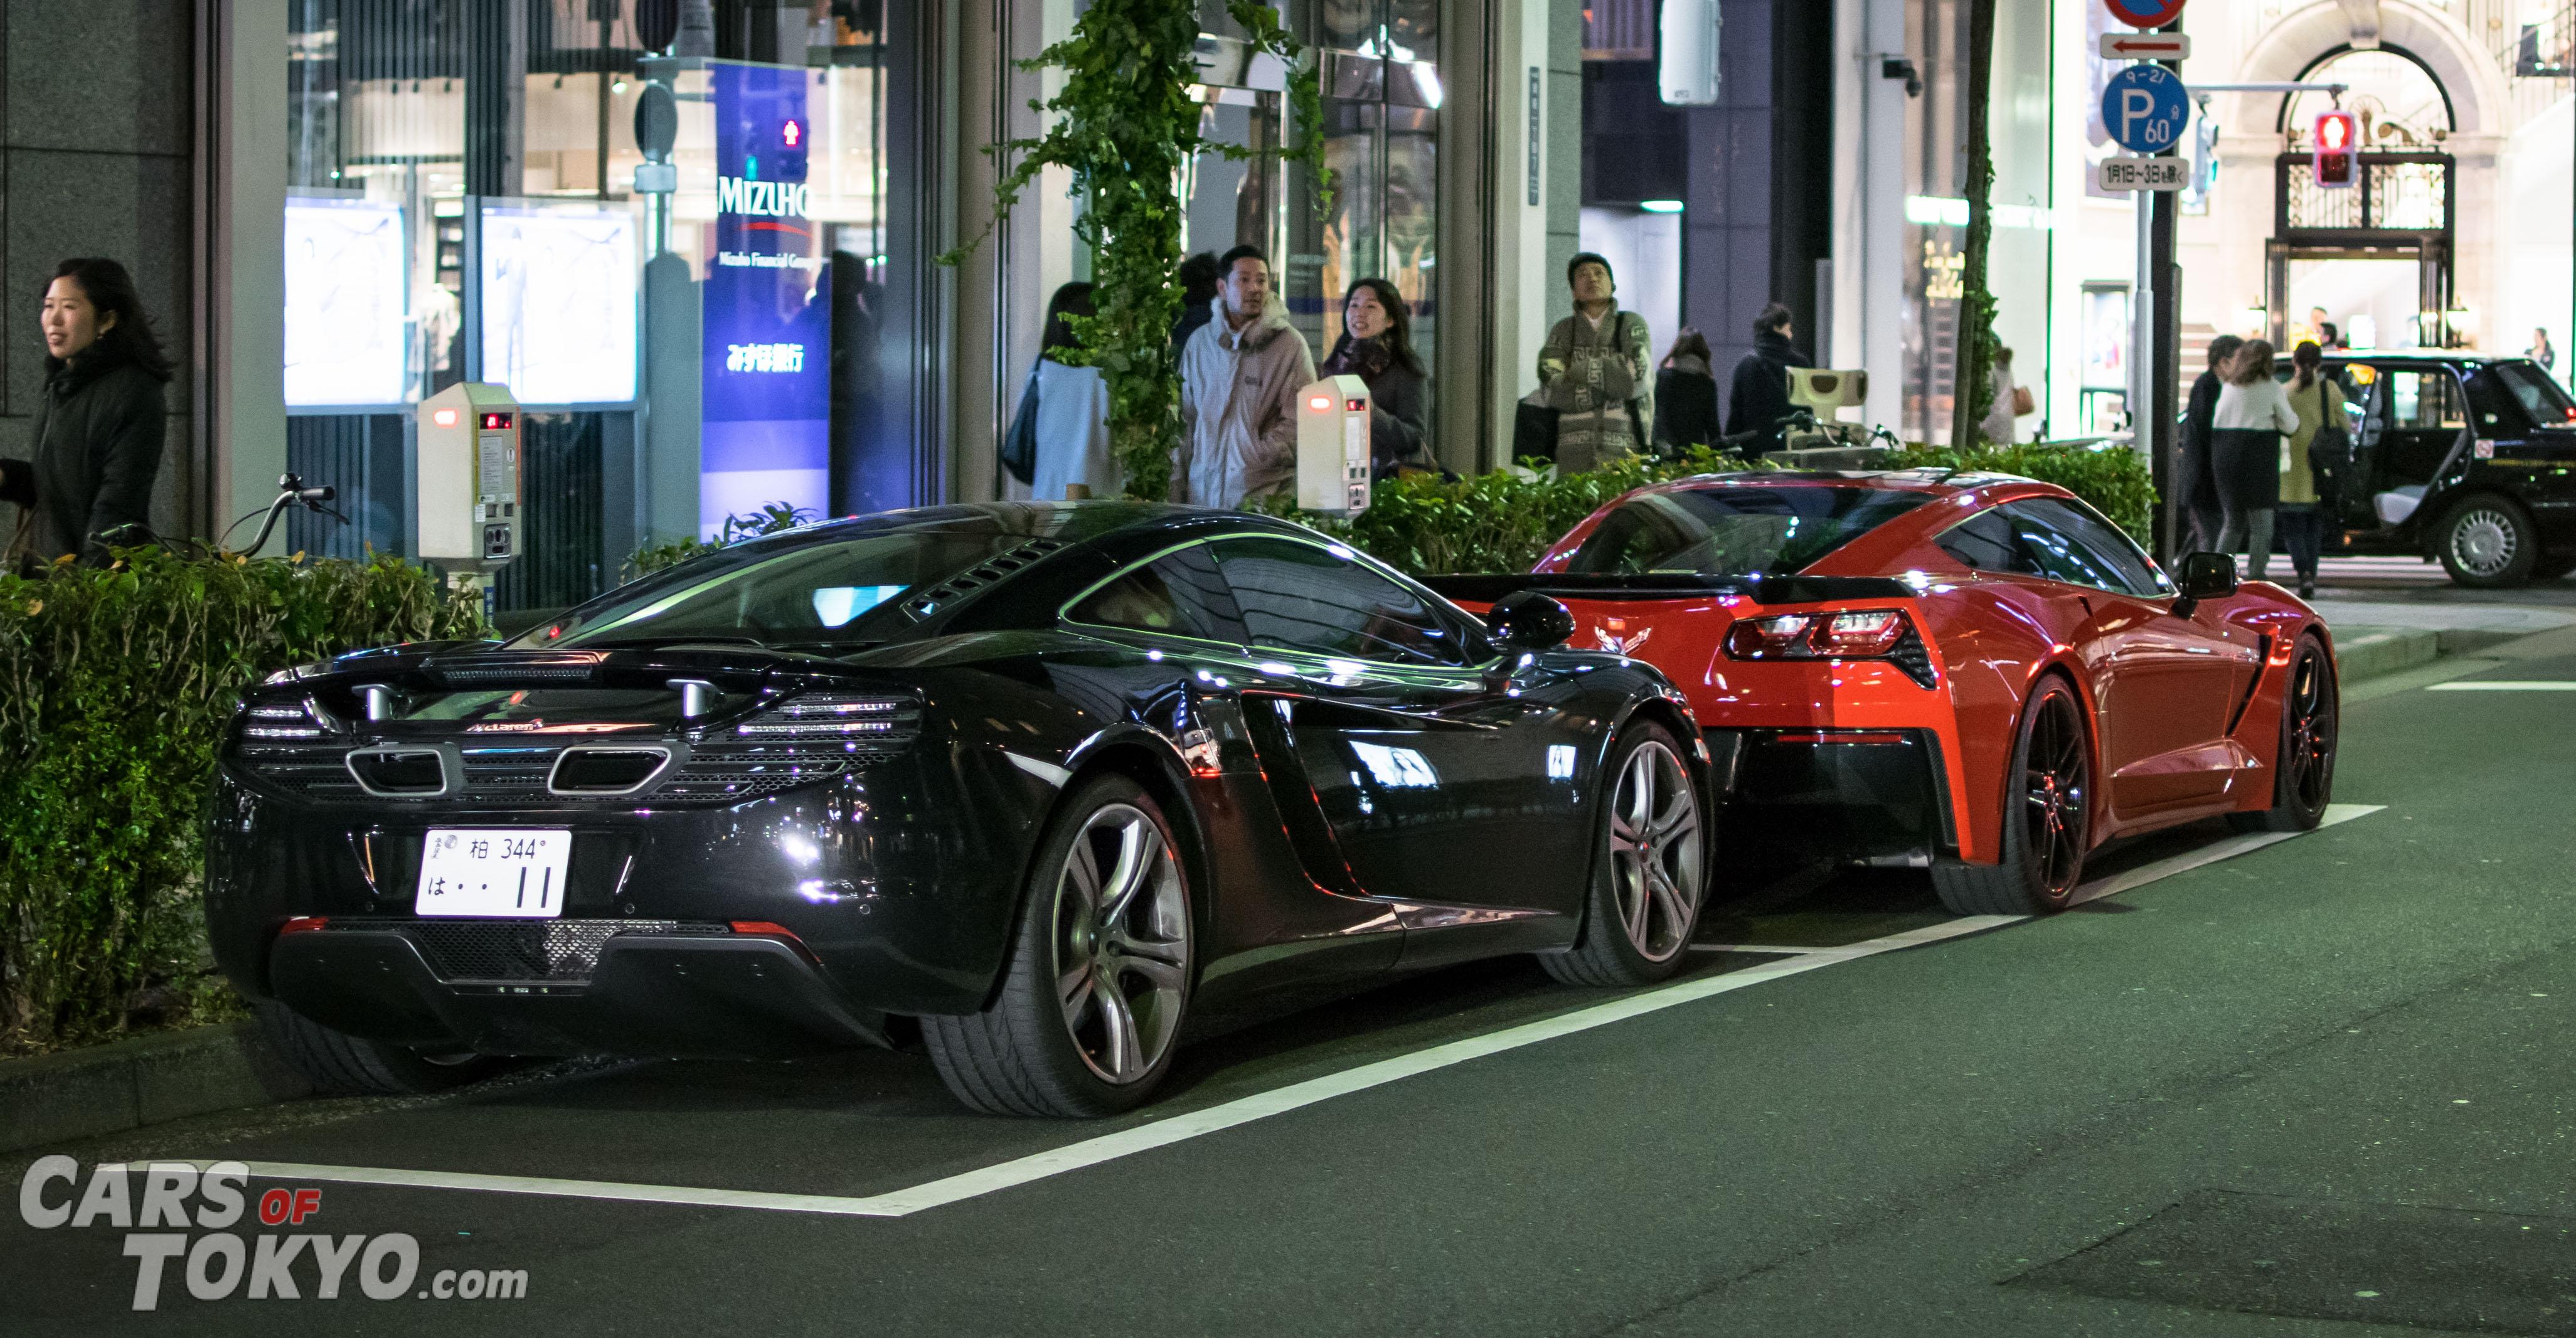 Cars of Tokyo Ginza McLaren 12C & Corvette